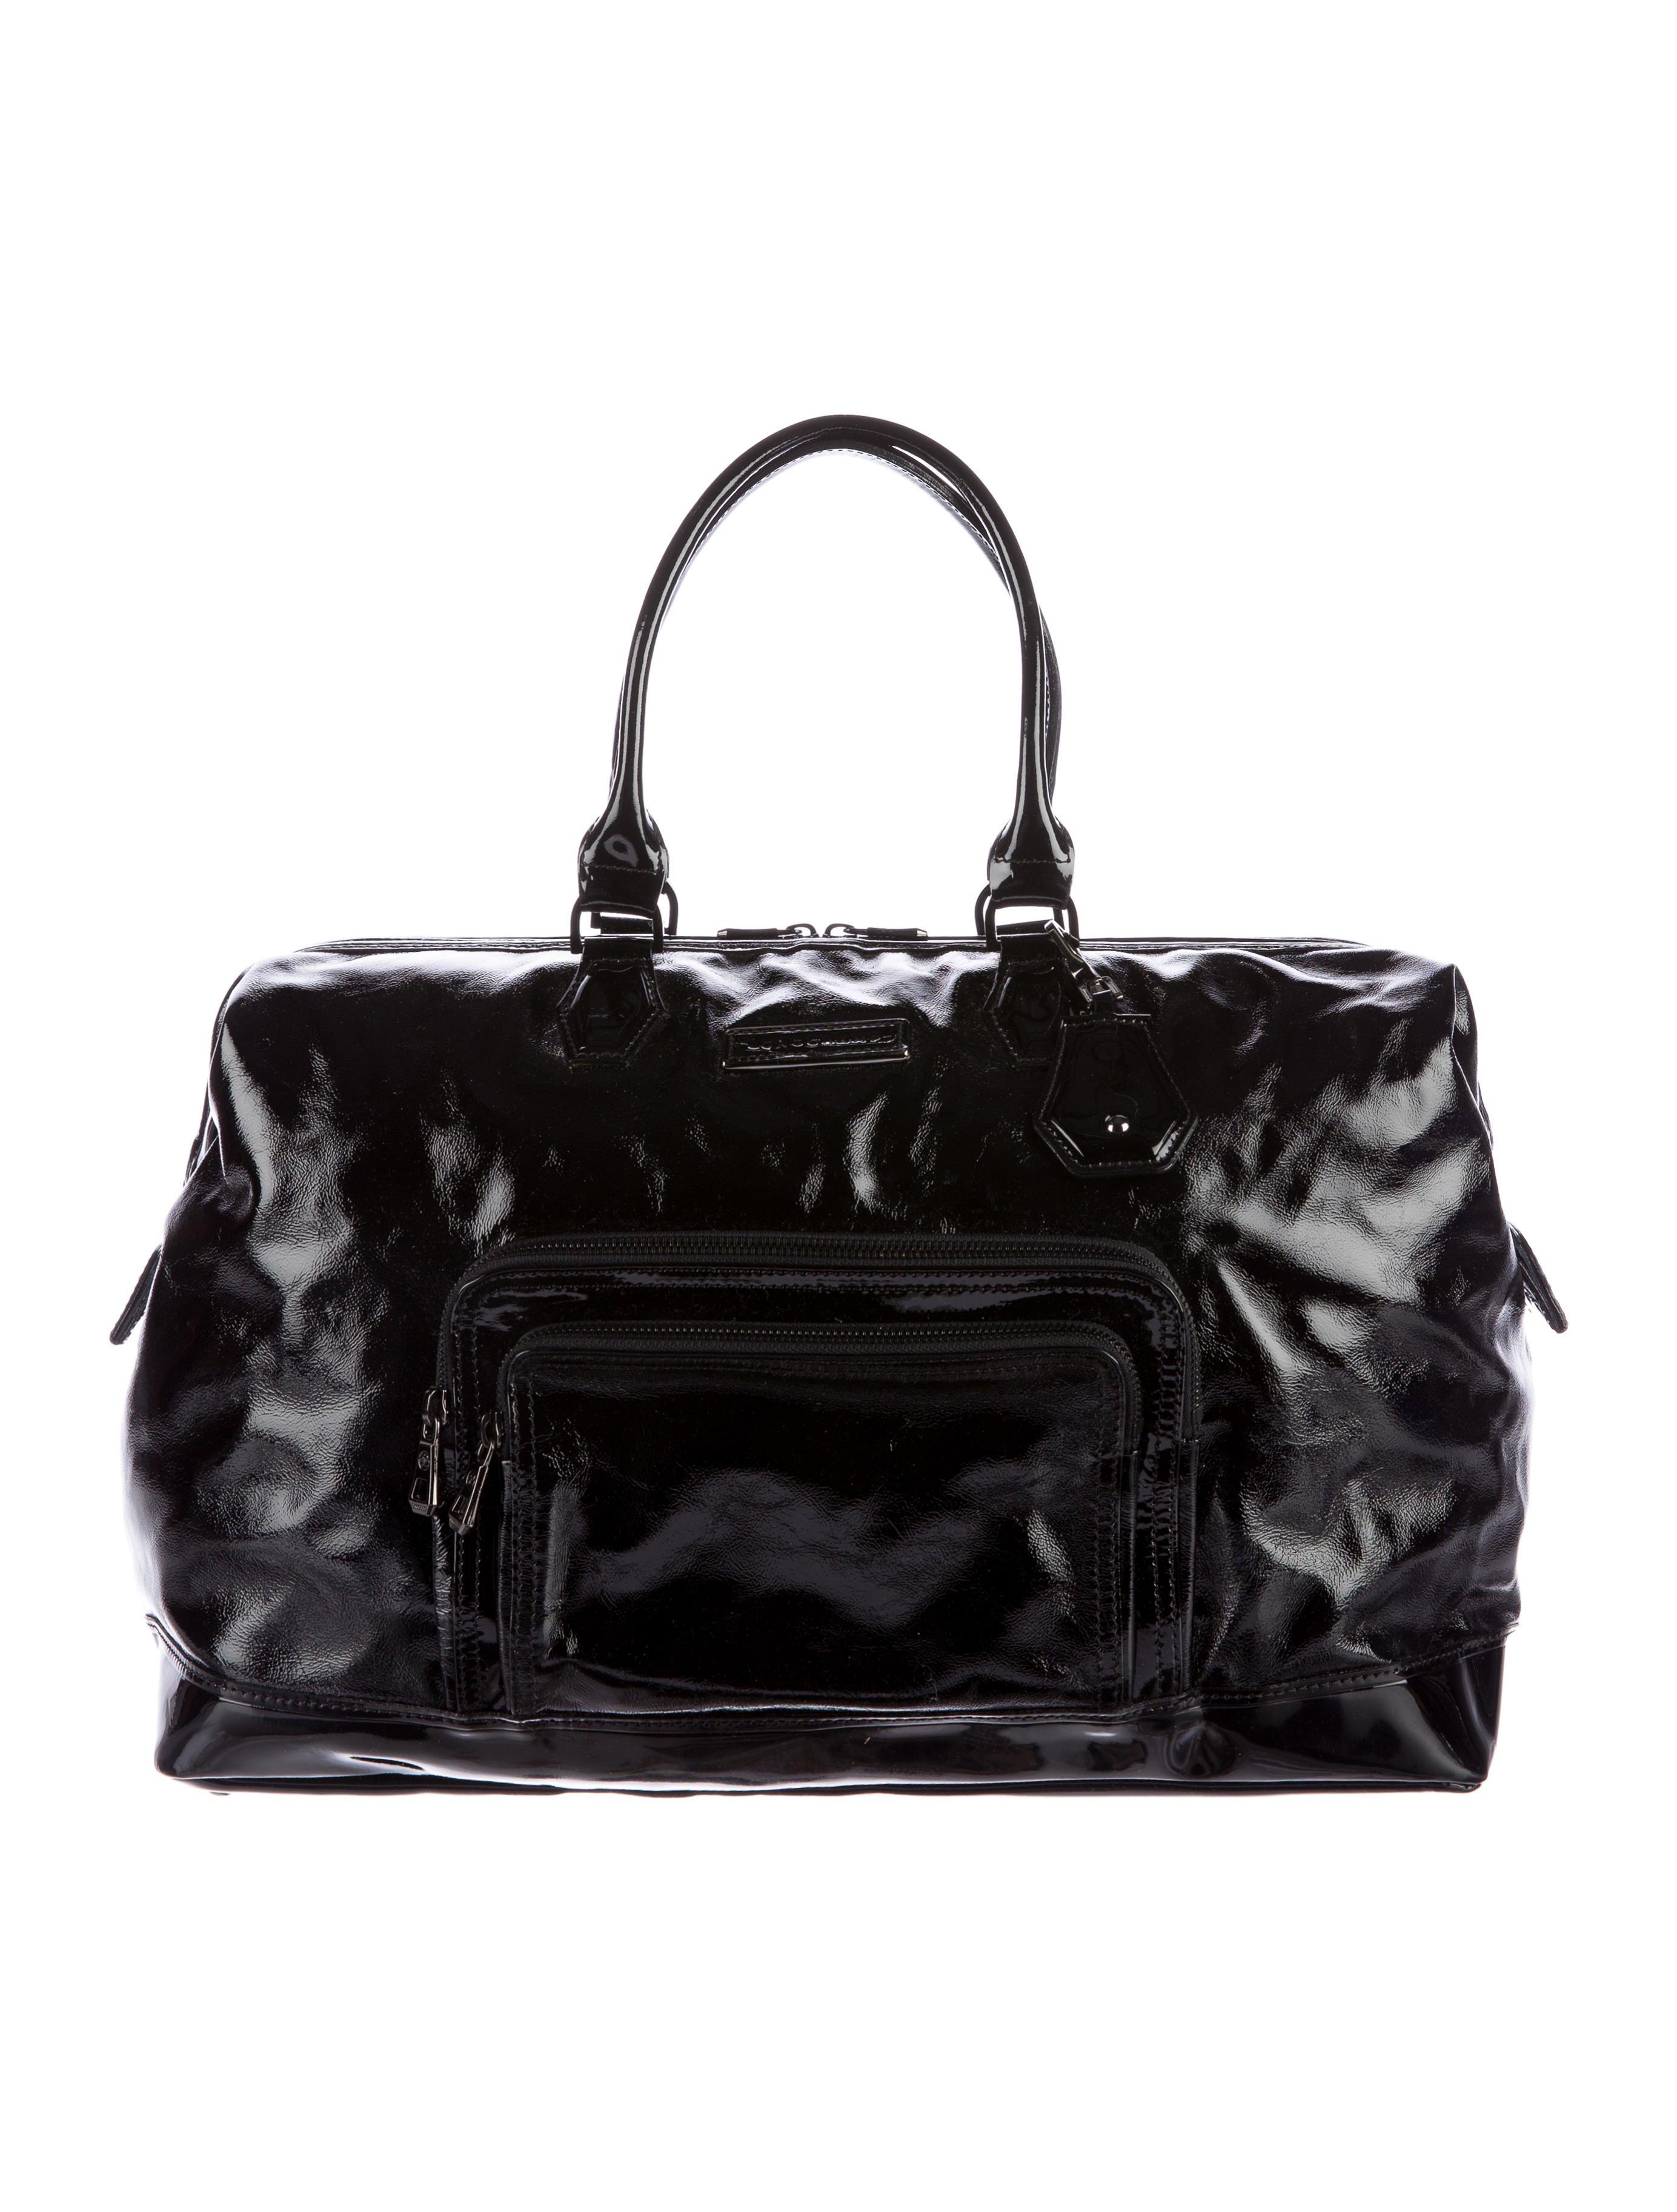 7f038e673e50 Longchamp Legende Verni Bag - Handbags - WL820381